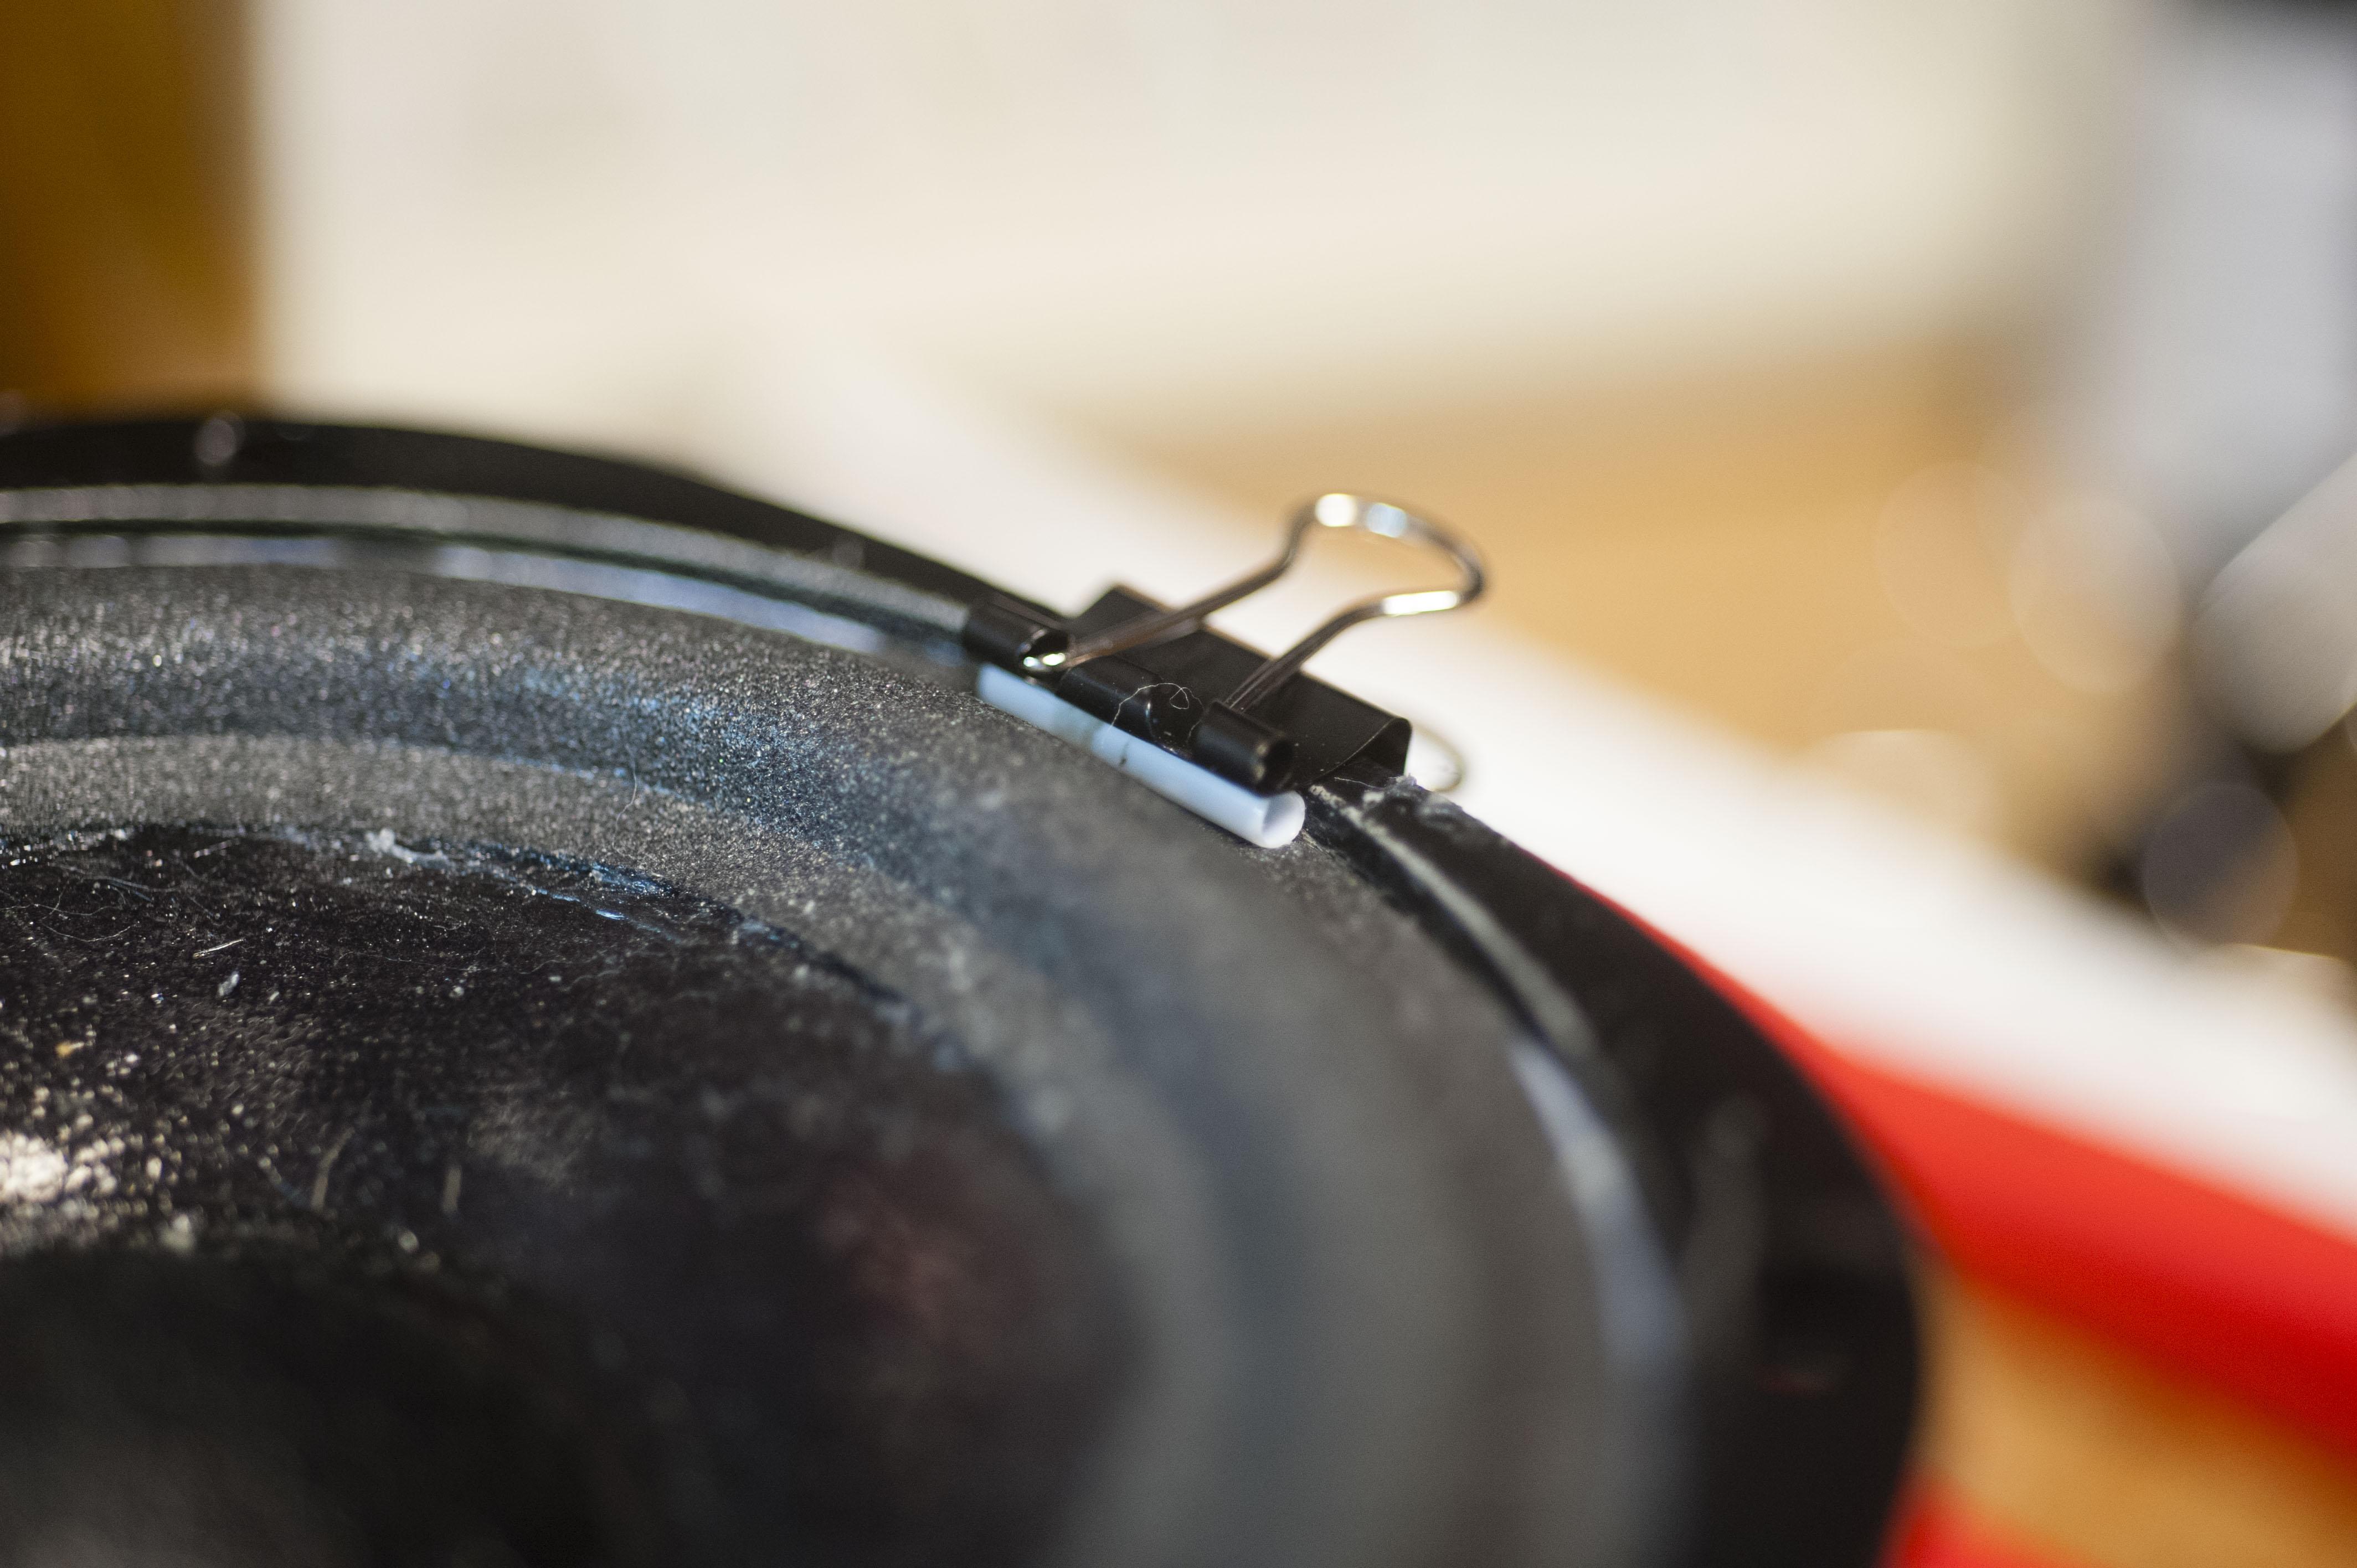 vorsichtiges Anpressen auf den Metallkorpus